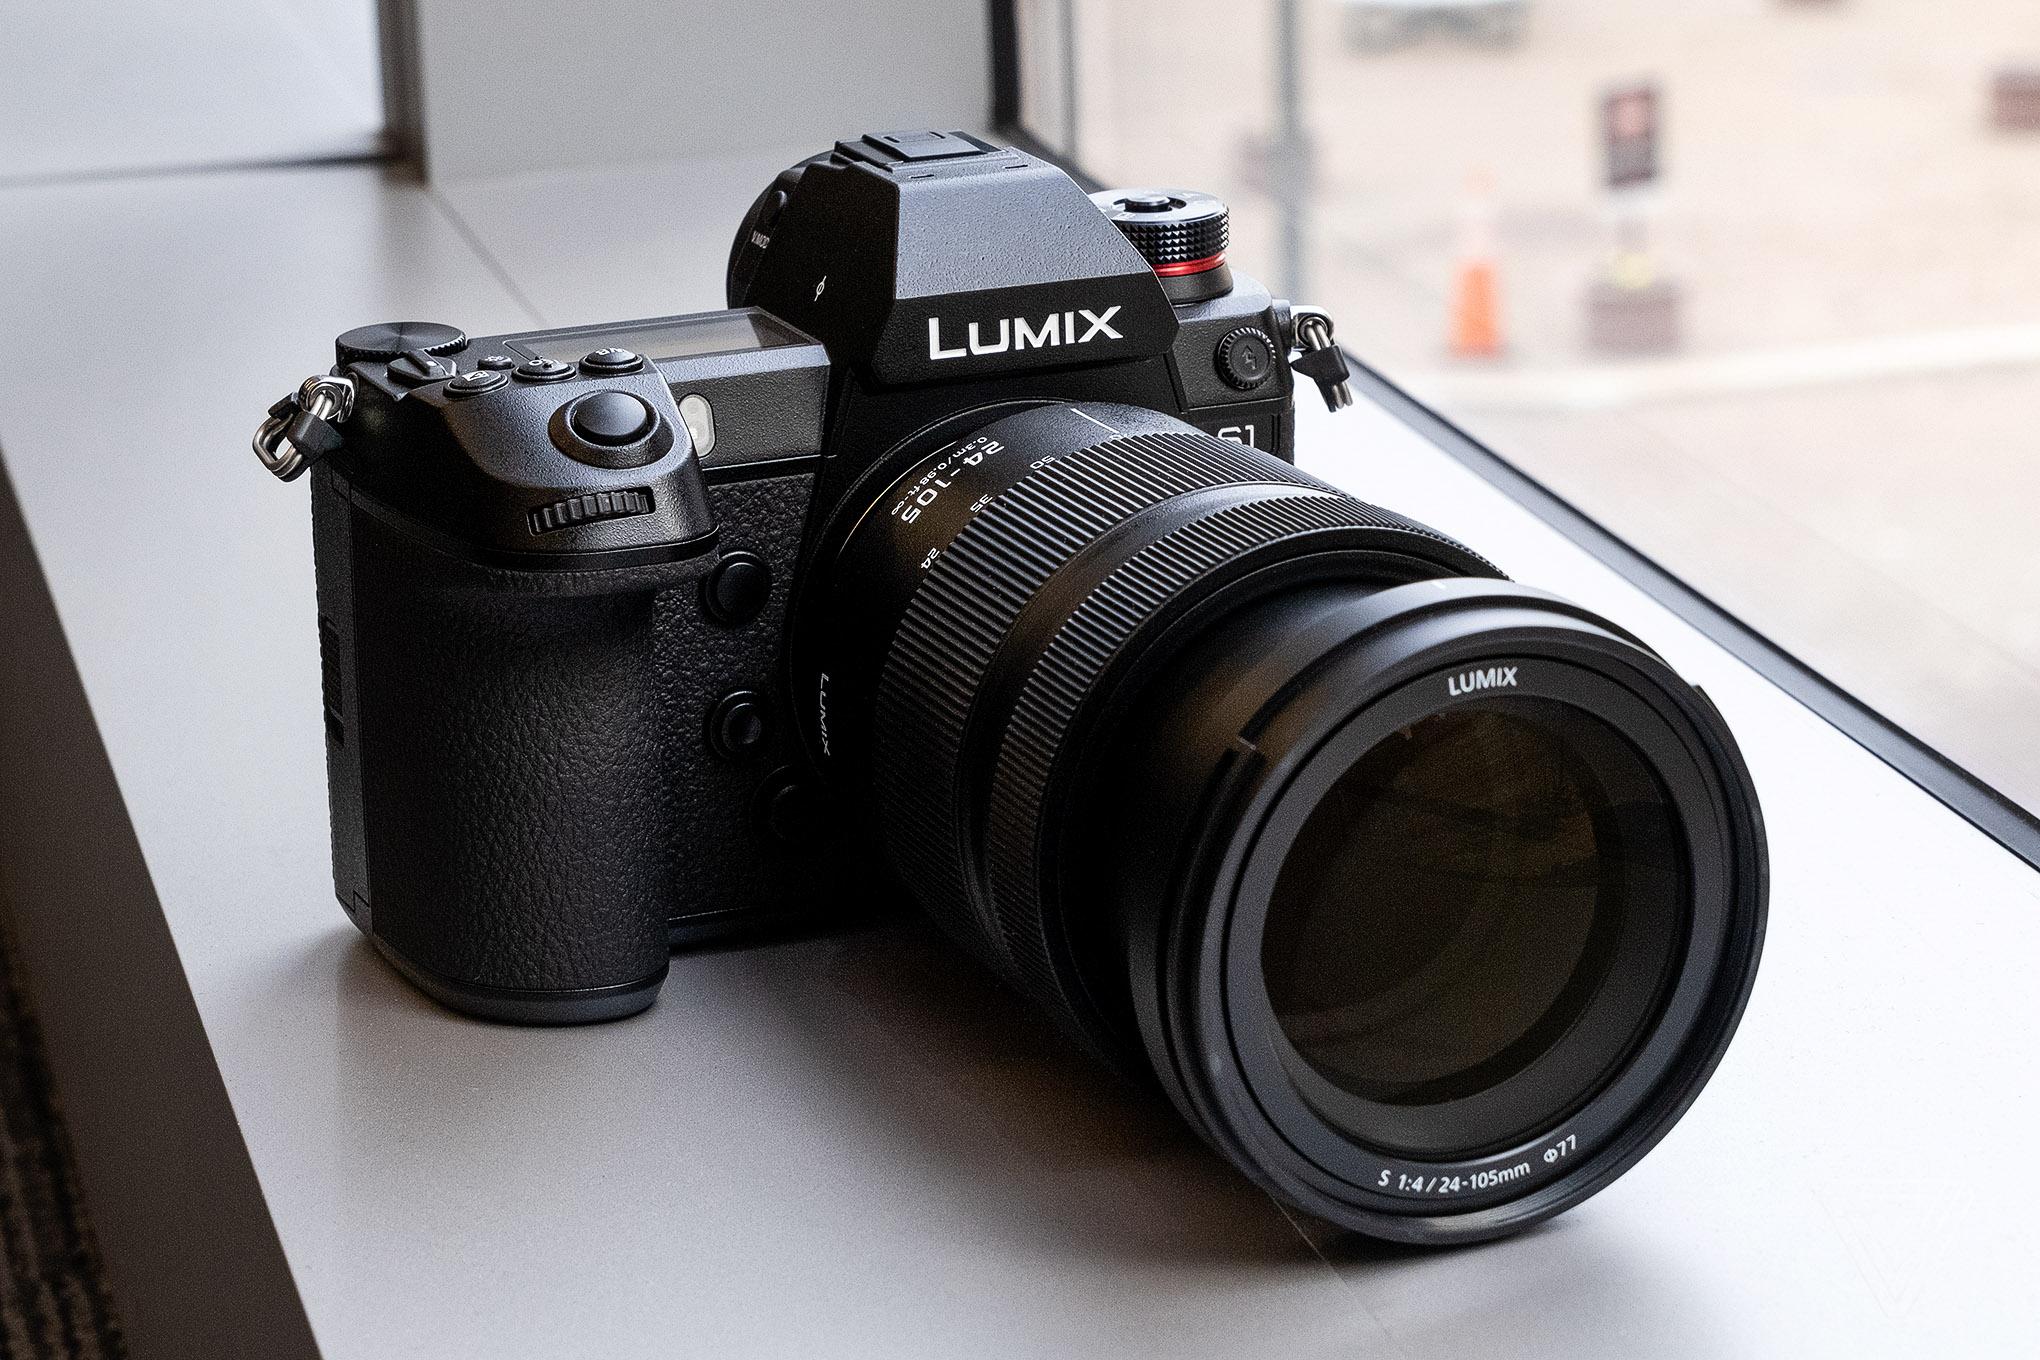 Panasonic Lumix S1 review: the mirrorless heavyweight - The Verge